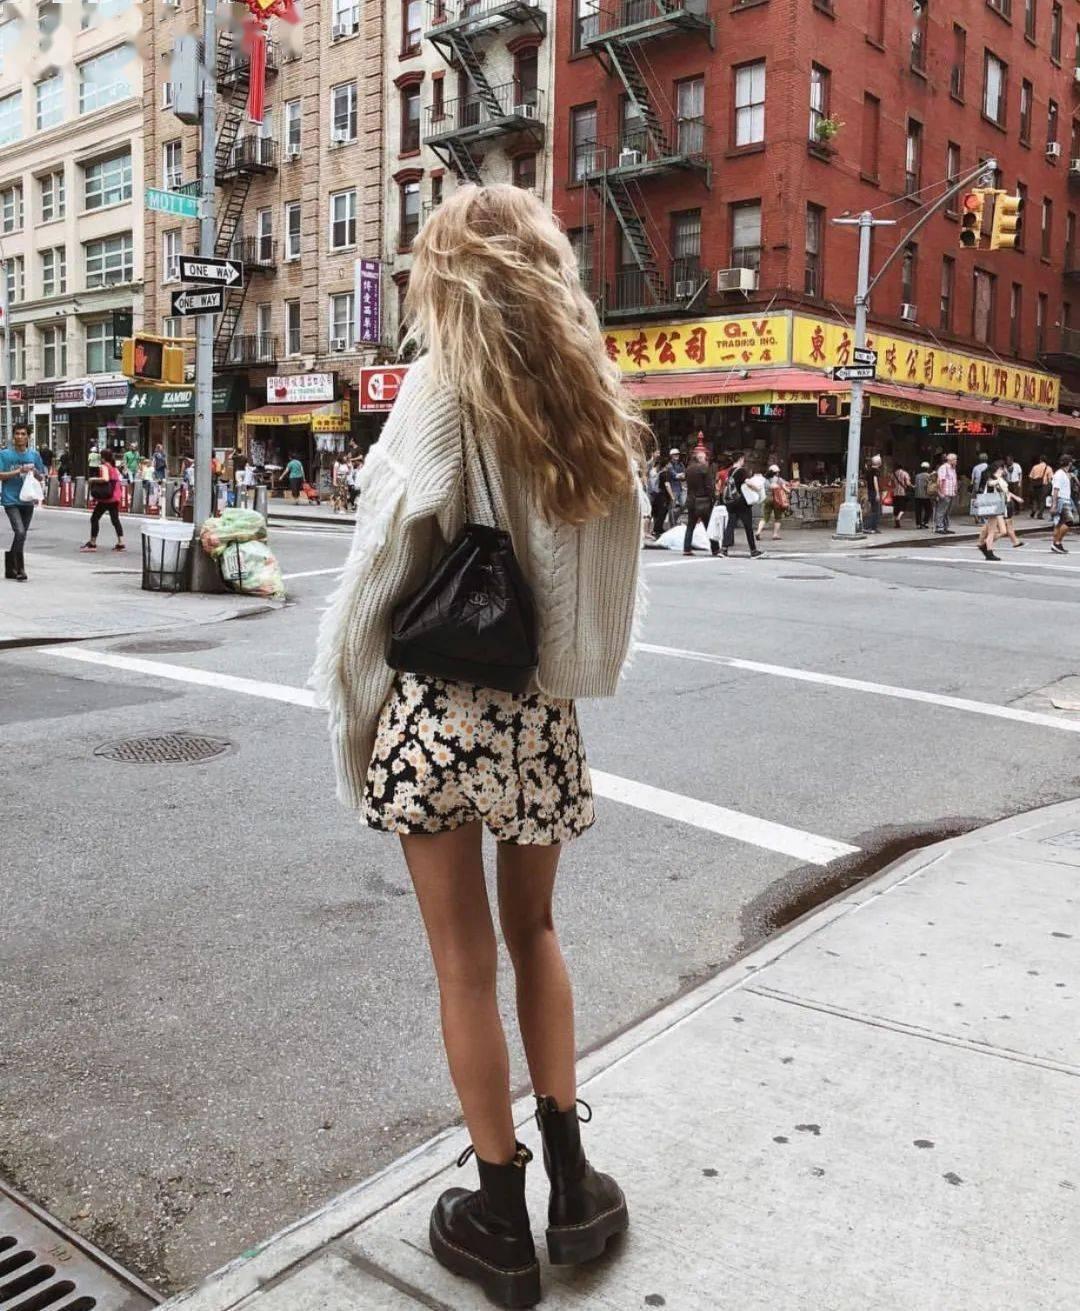 马丁靴+裙子,马丁靴+工装裤……又酷又撩,时髦炸了!     第62张